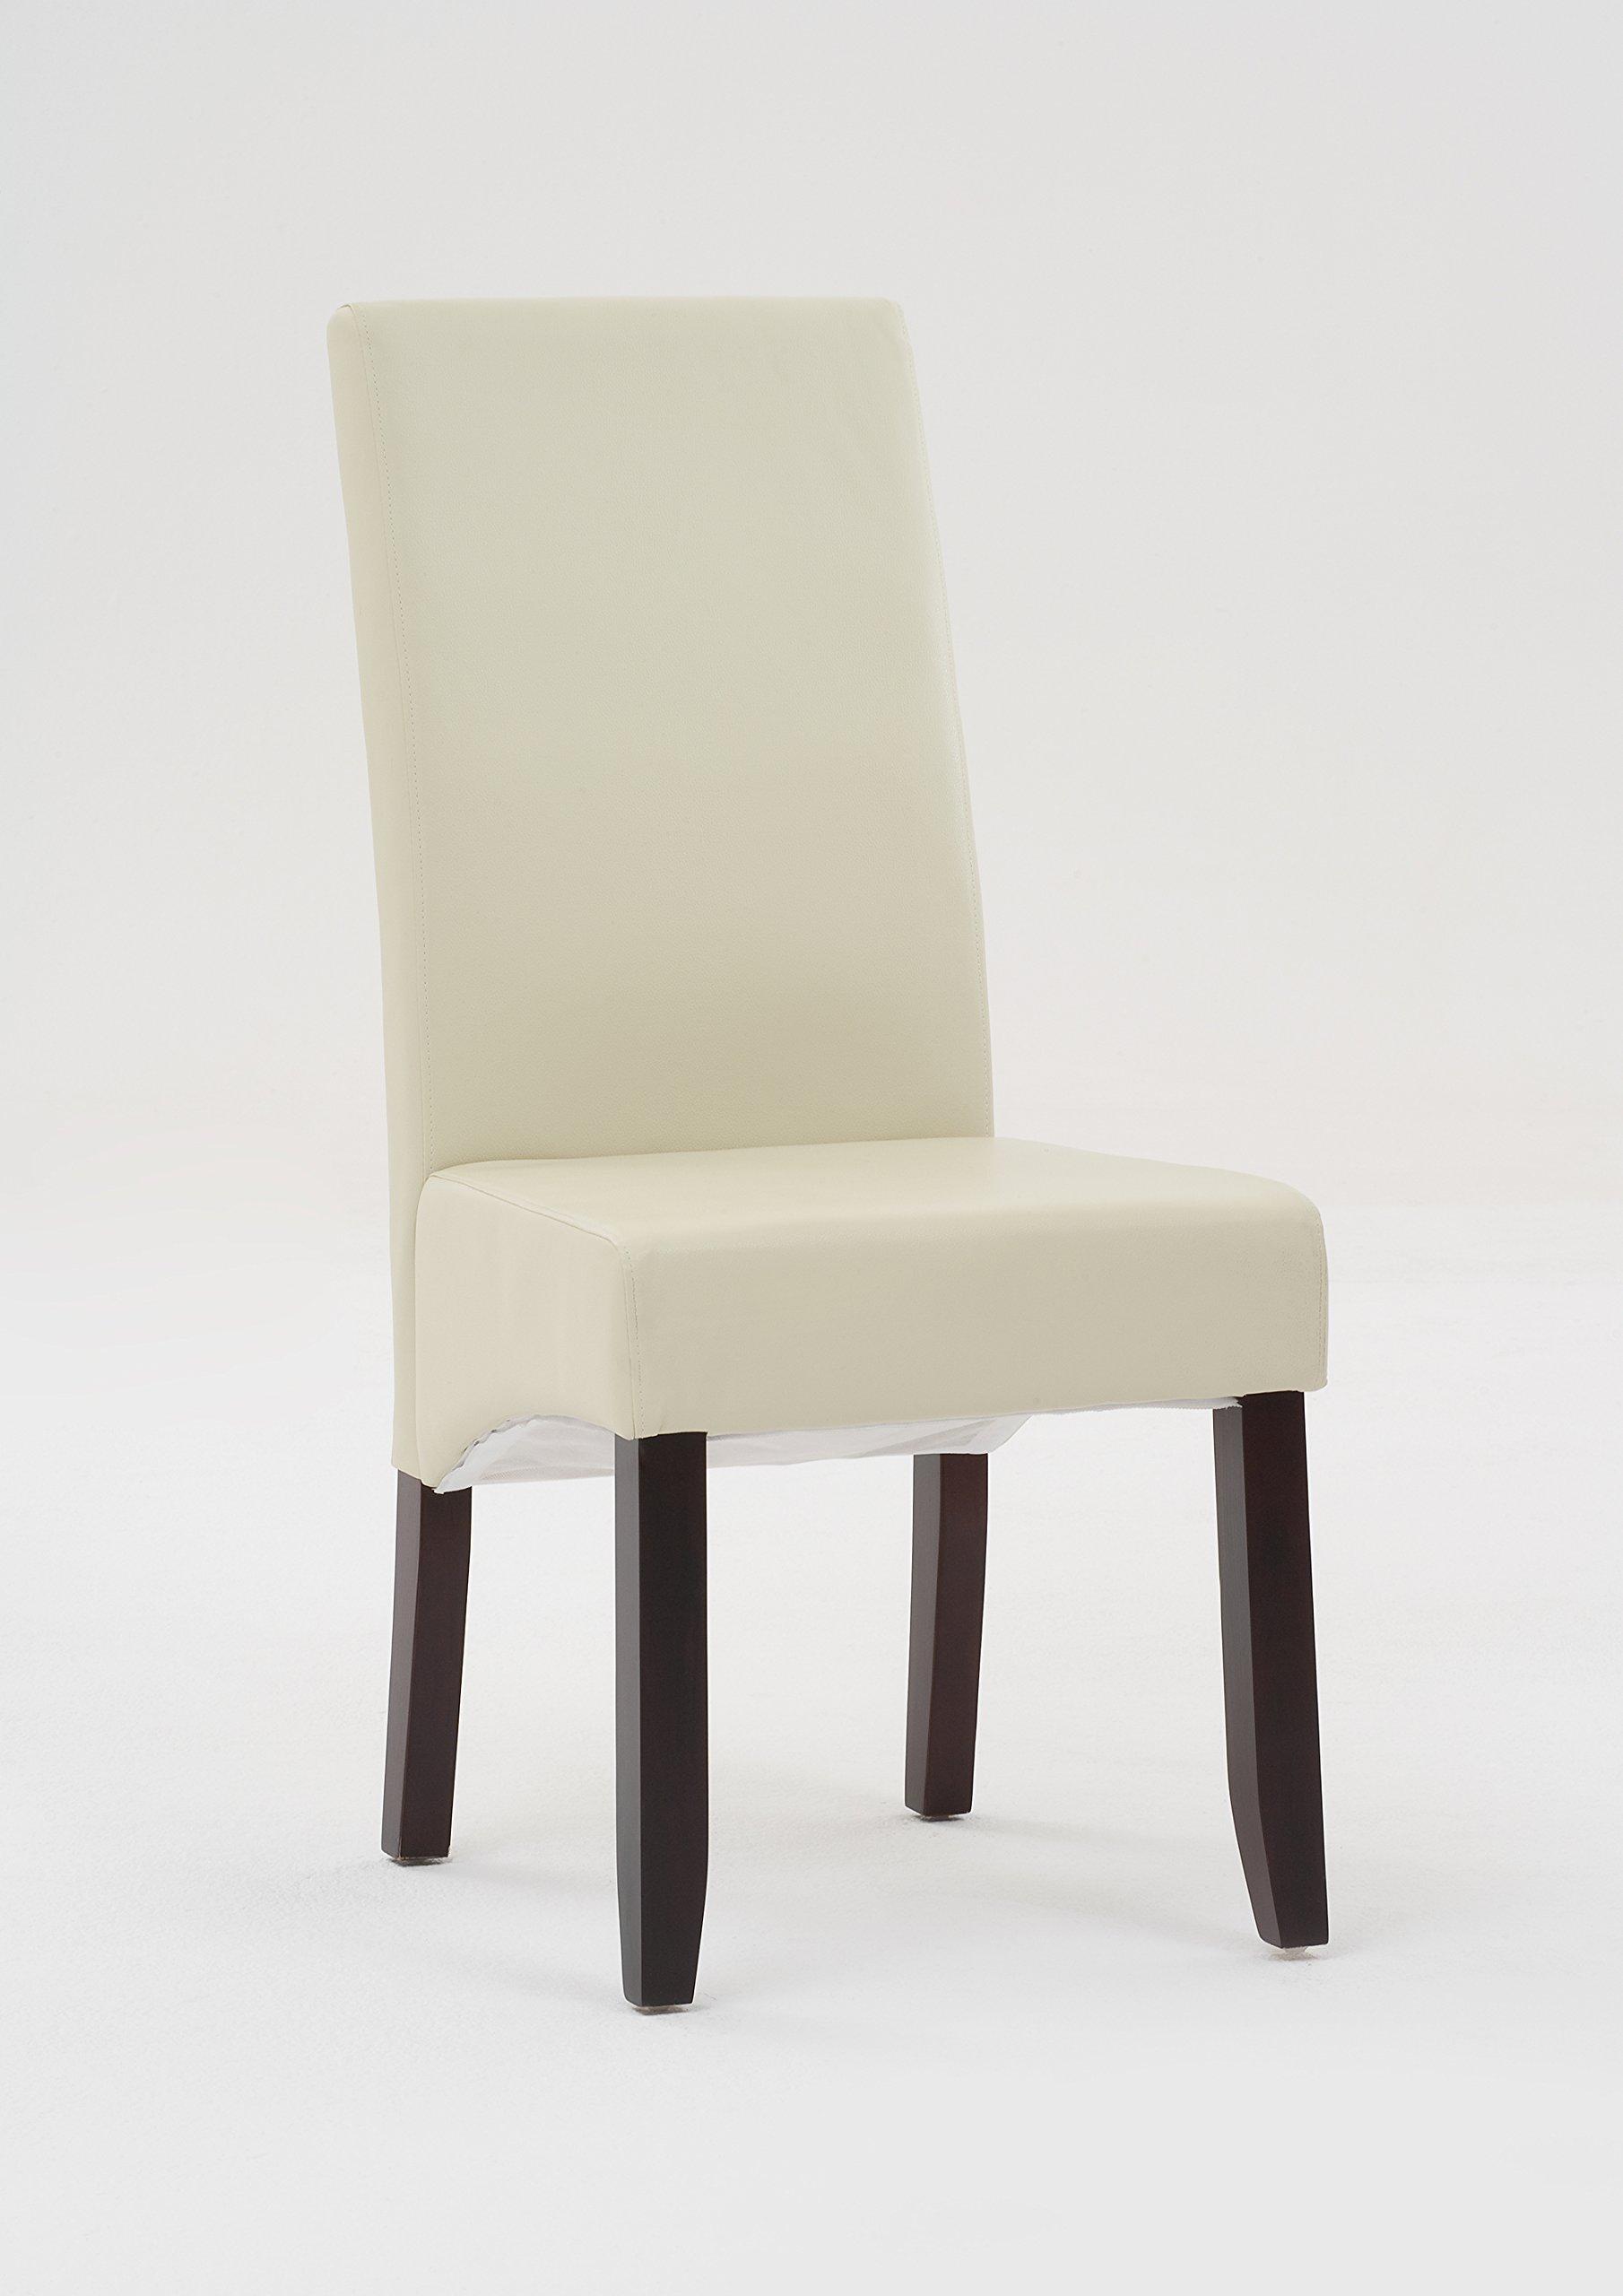 Exquisit Polster Esszimmerstühle Das Beste Von Sam® Polster-stuhl 4724-11, Esszimmer-stuhl In Schwarz Mit